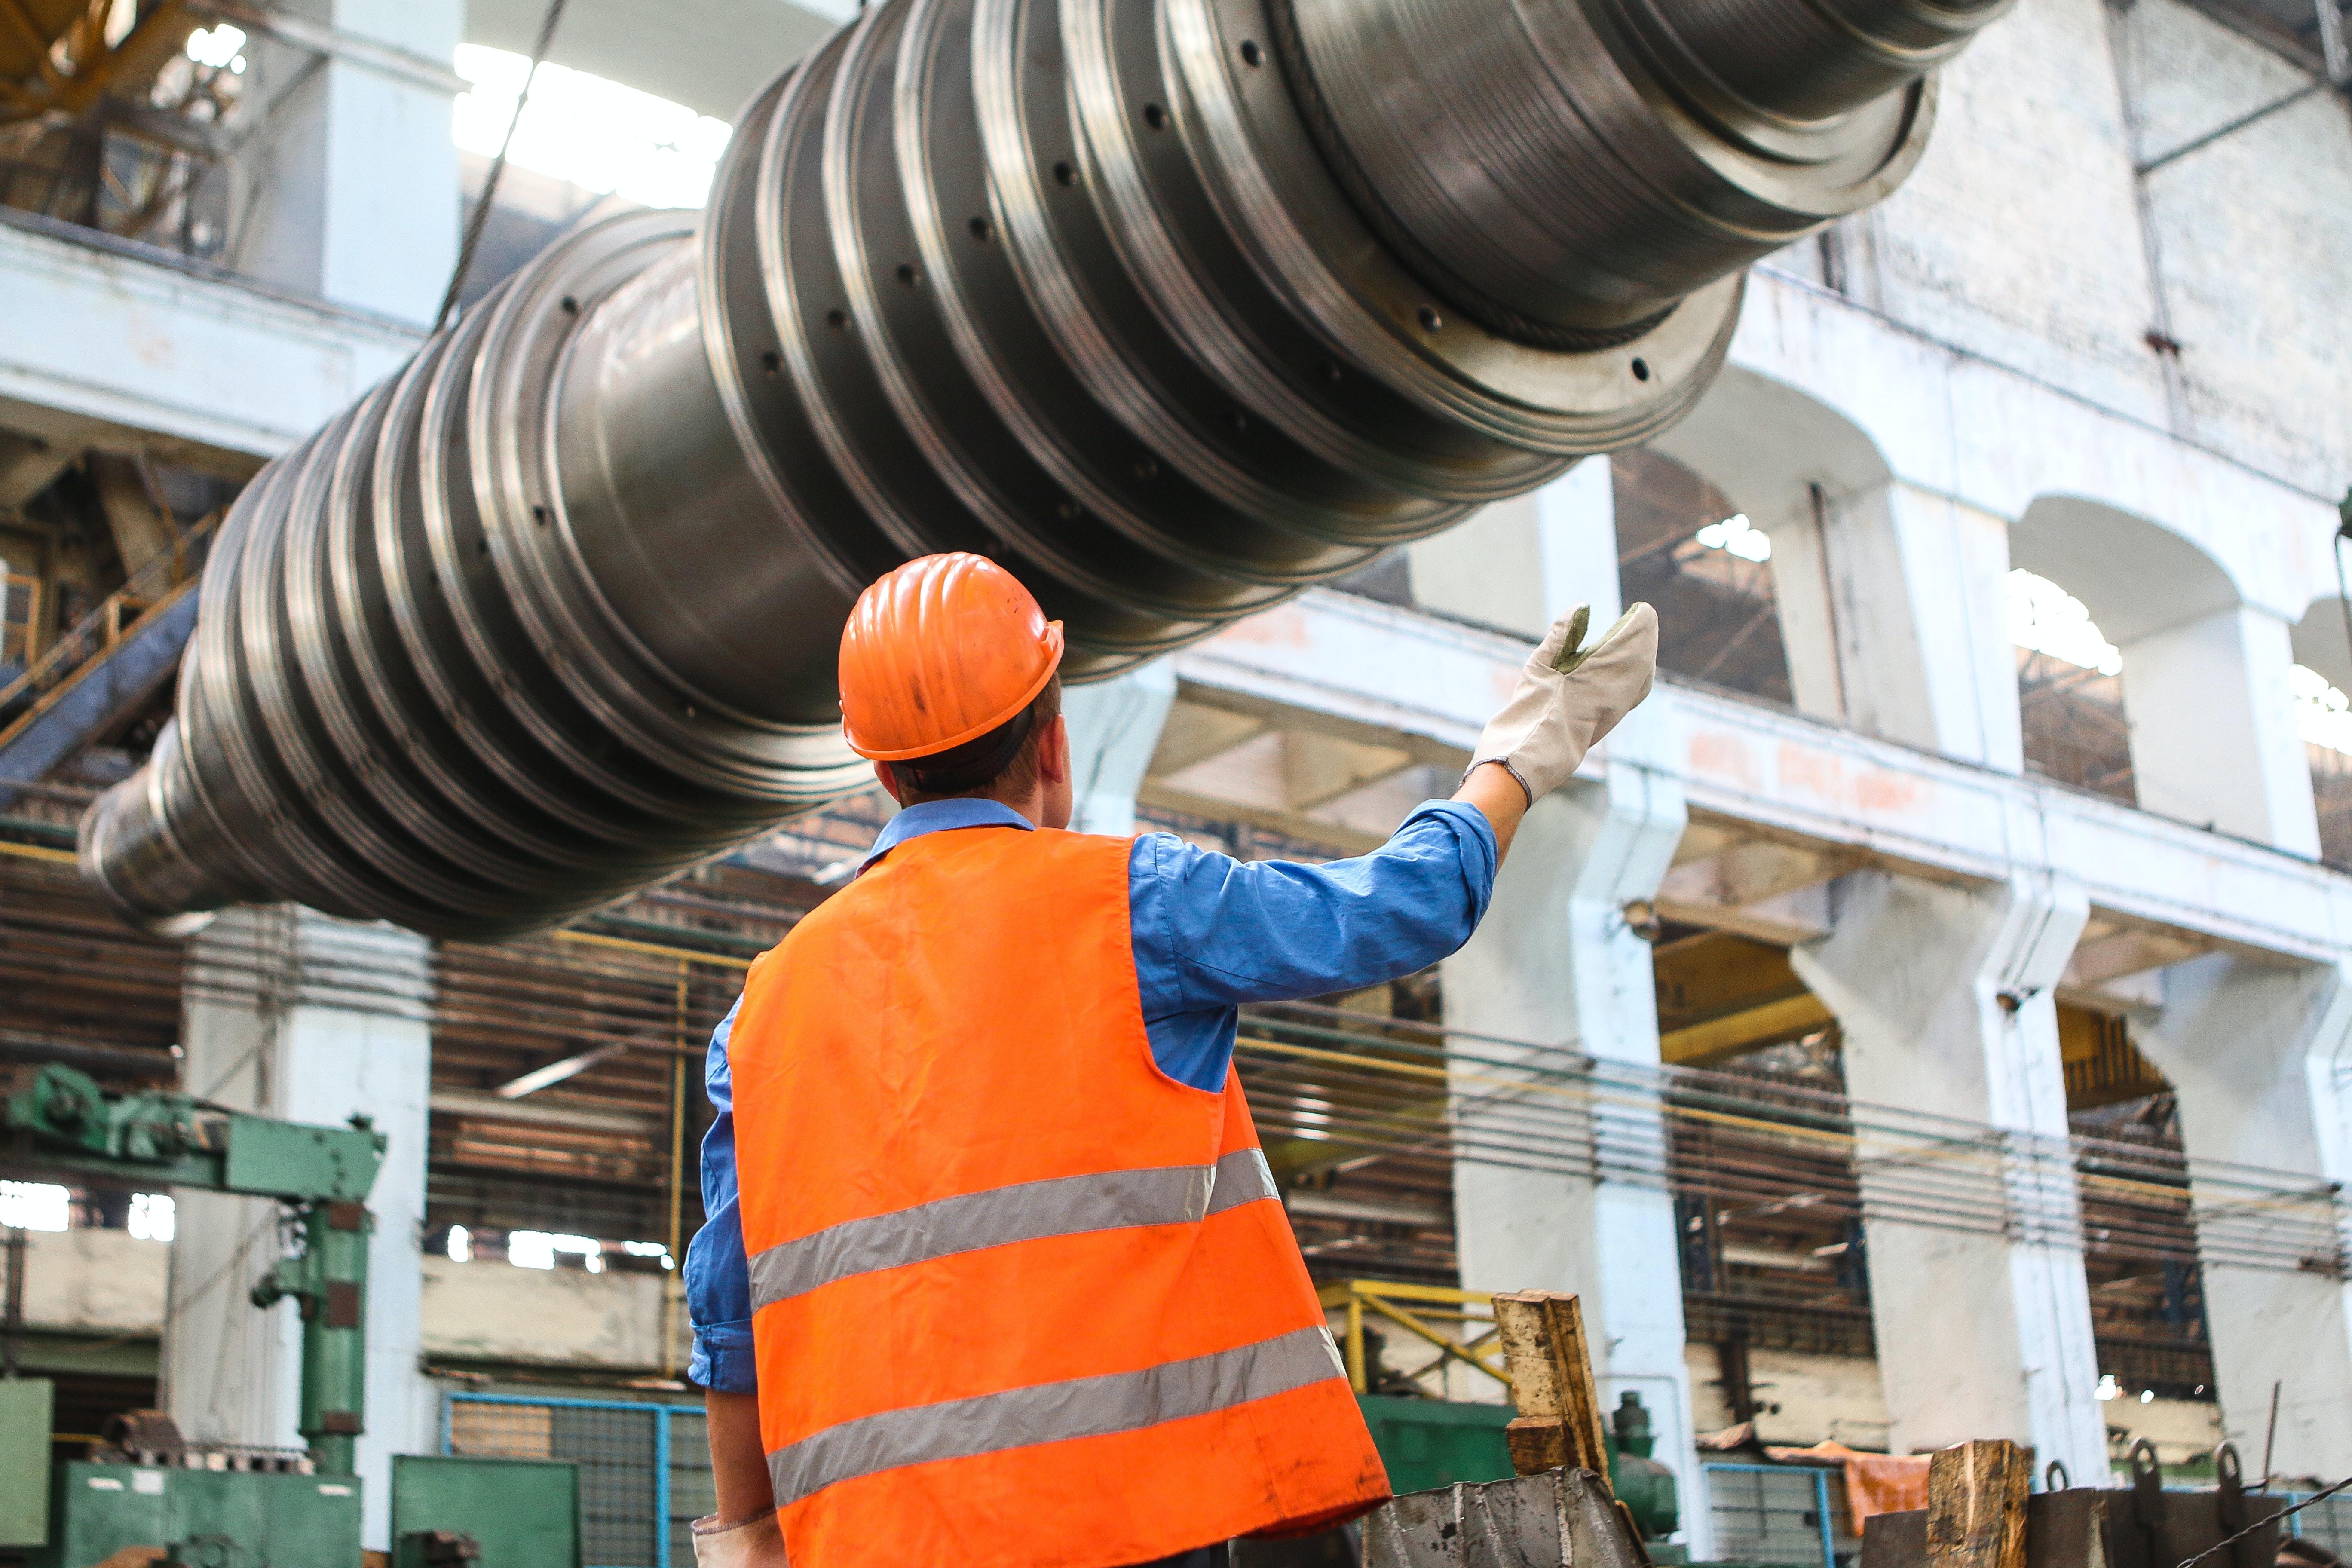 Lavoratore in tenuta da lavoro con dispositivi di sicurezza e protezione